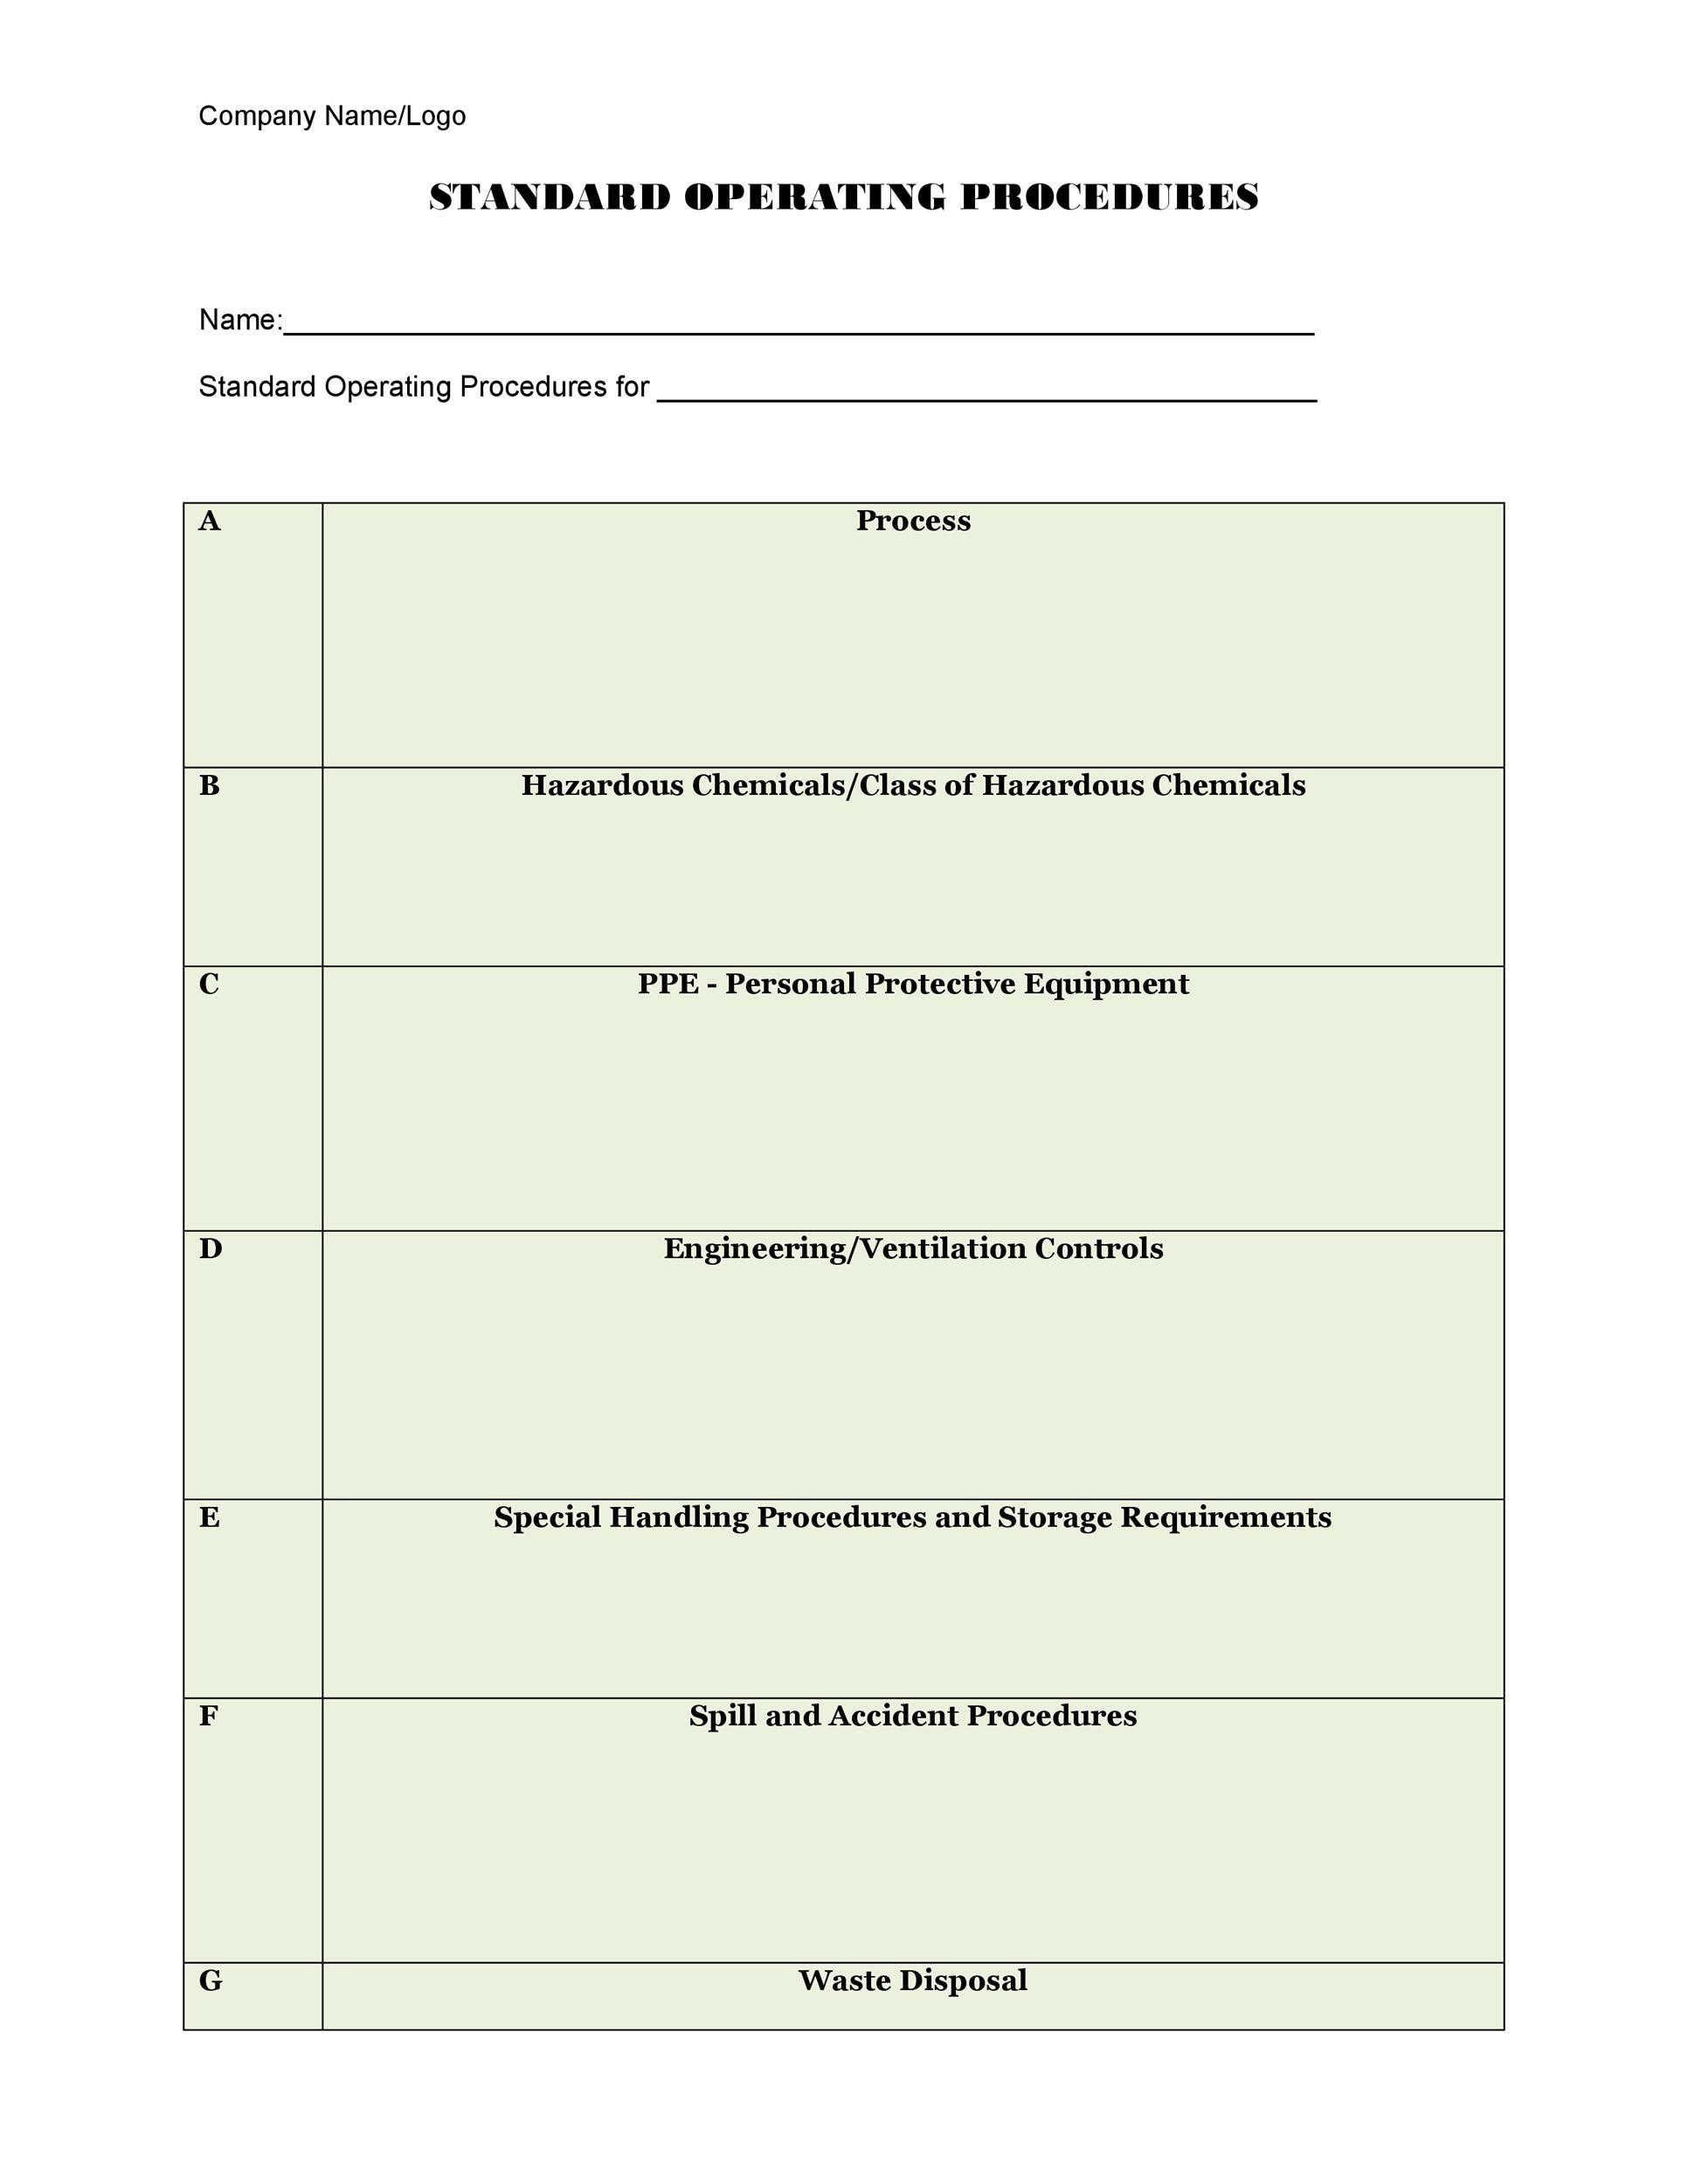 37 Best Standard Operating Procedure (SOP) Templates - method of procedure template